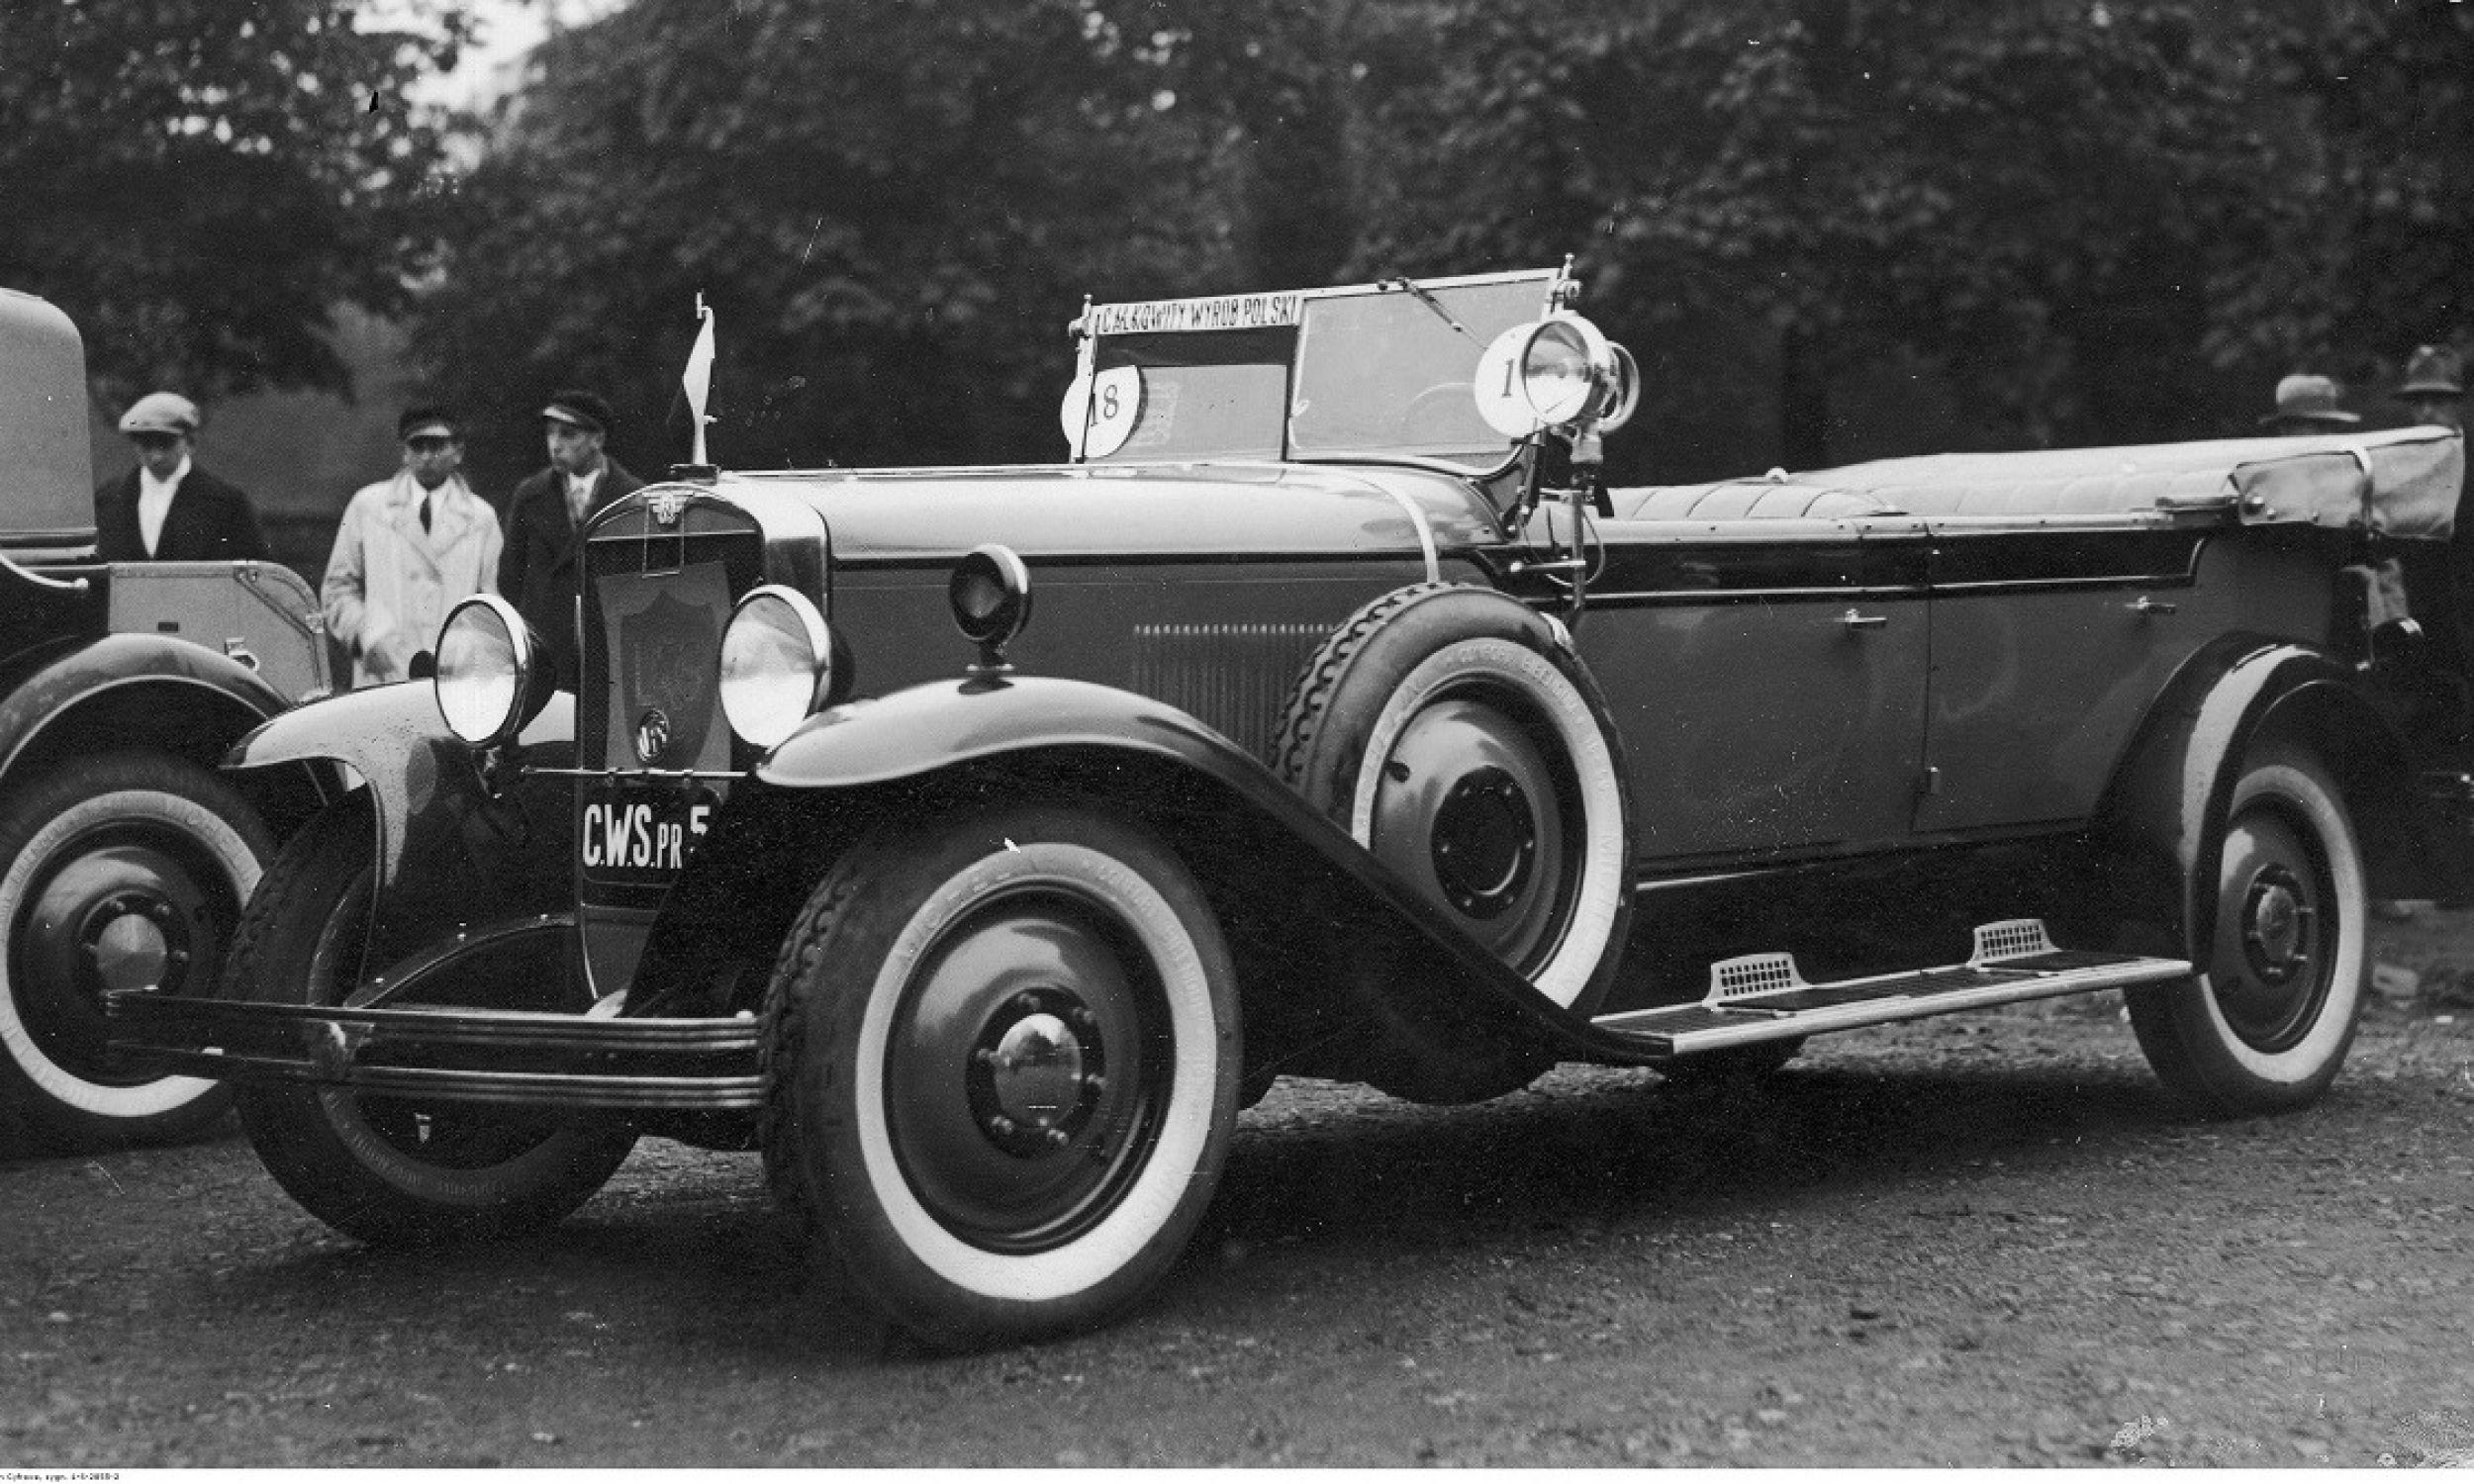 Pokaz i konkurs piękności samochodów zorganizowany przez Automobilklub Polski w parku im. Ignacego Jana Paderewskiego w Warszawie, październik 1930 r. Samochód Centralnych Warsztatów Samochodowych wykonany całkowicie w Wojskowych Zakładach Inżynierii. Miał 65-konny silnik, cztery biegi i rozwijał prędkość 105 km/h. Fot. NAC/IKC, sygn. 1-S-2855-2